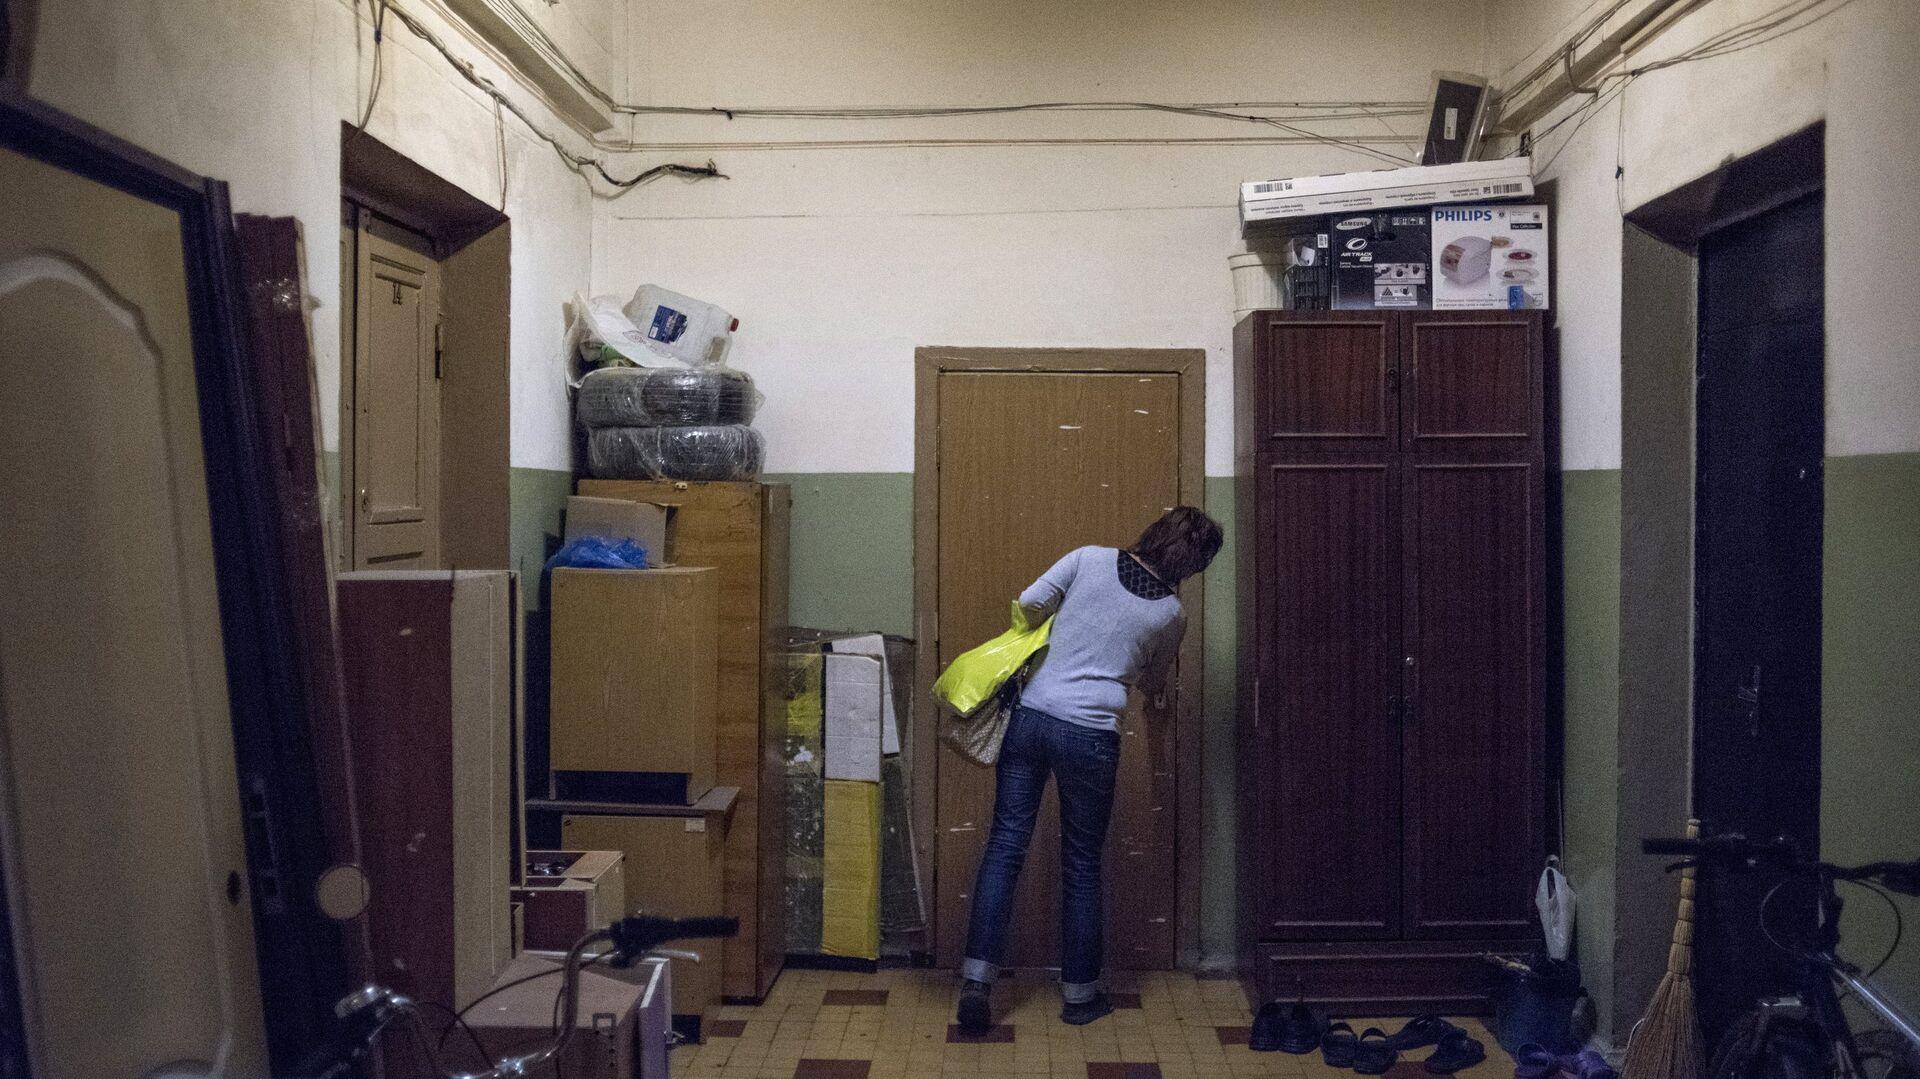 Женщина на лестничной площадке жилого дома в Северо-Западном административном округе города Москвы - РИА Новости, 1920, 28.08.2021